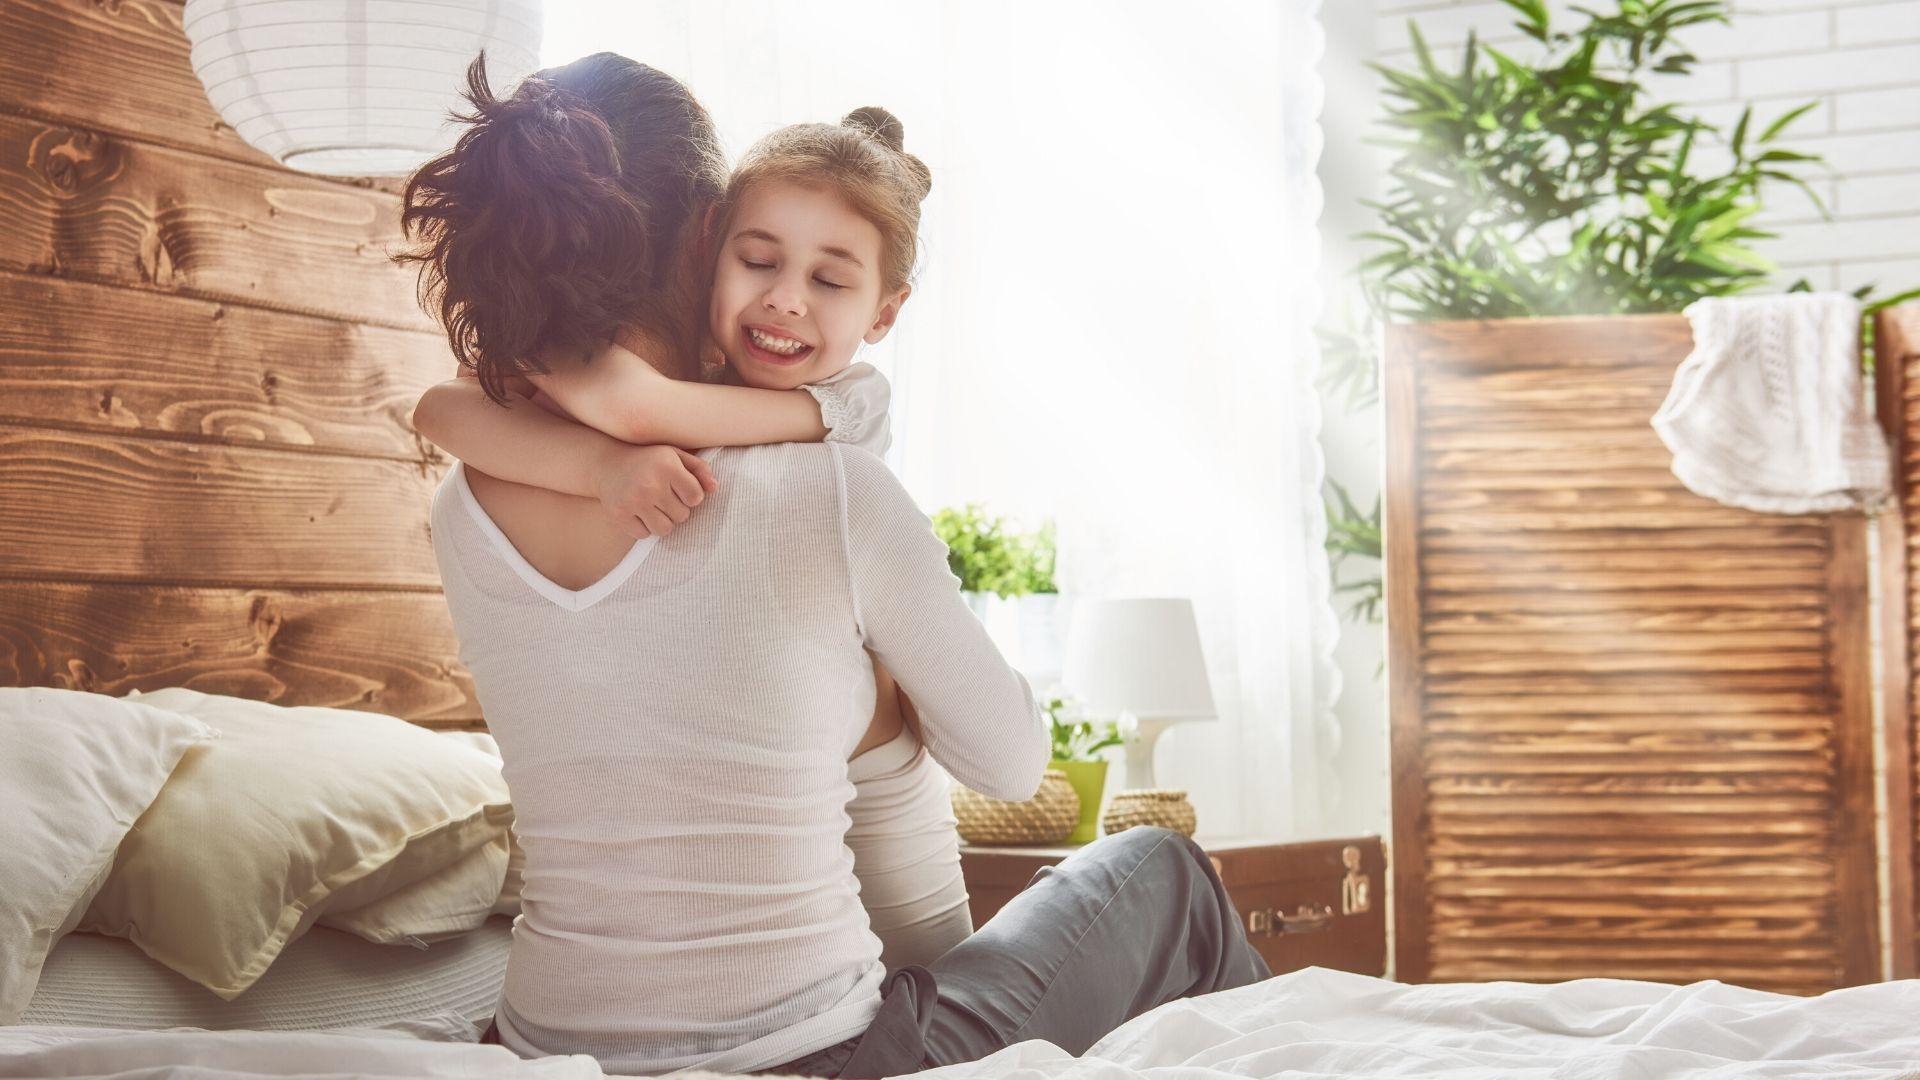 Ας γνωριστούμε με τα παιδιά μας, μένοντας σπίτι